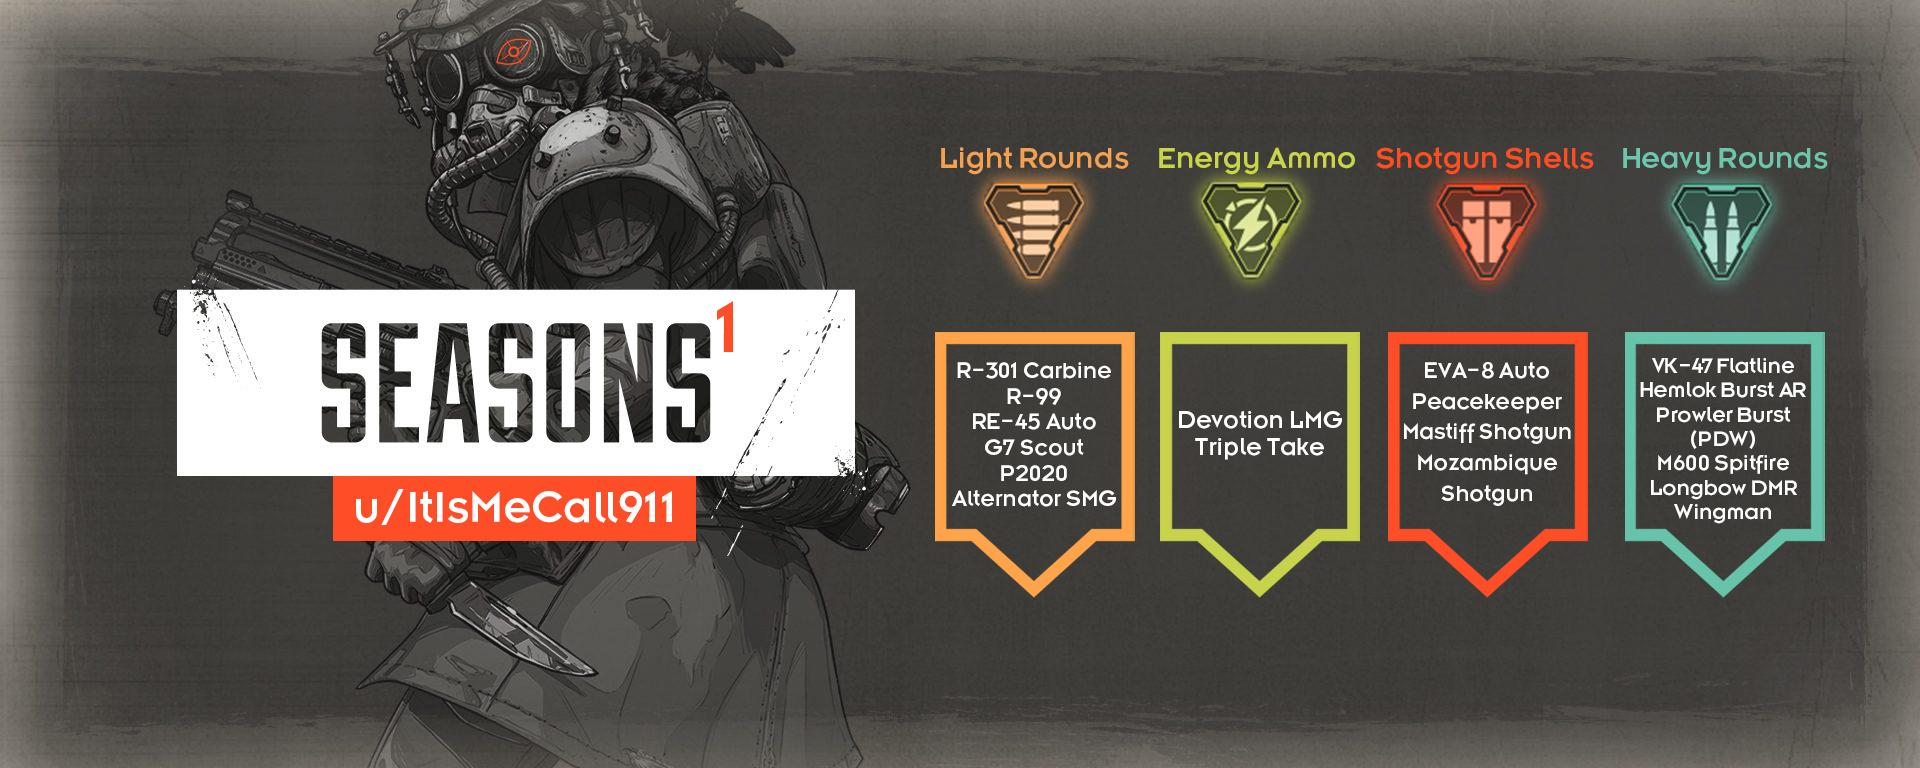 [Apex Legends] Respawn lên tiếng xác nhận về sự khác nhau trong thuộc tính của mỗi loại đạn trong game